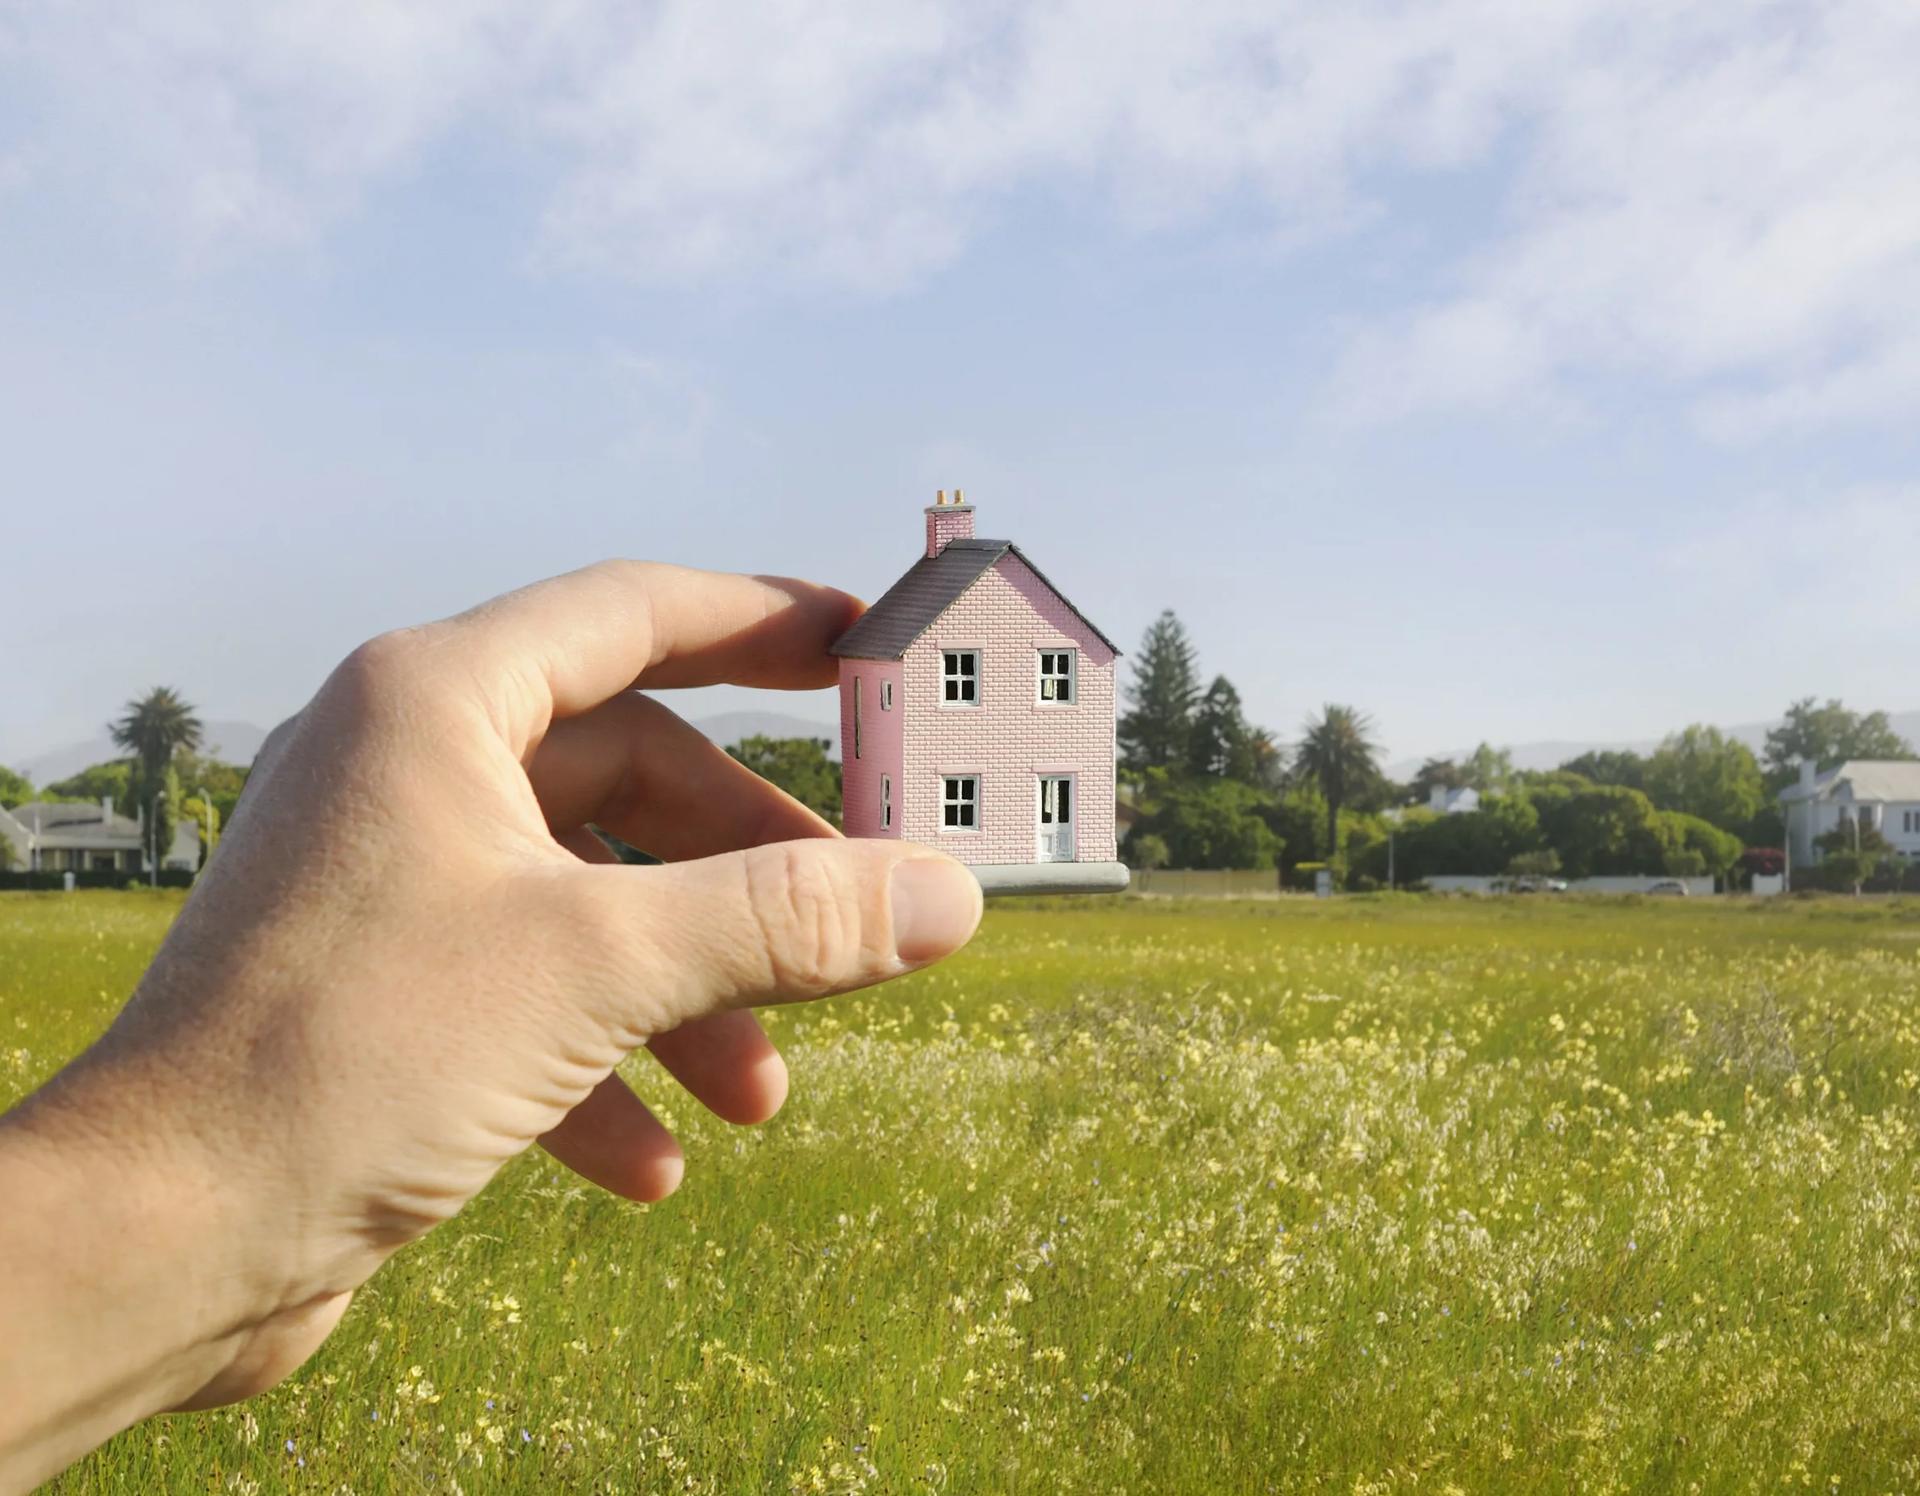 Самозахват земли: ответственность и правовые последствия для сторон